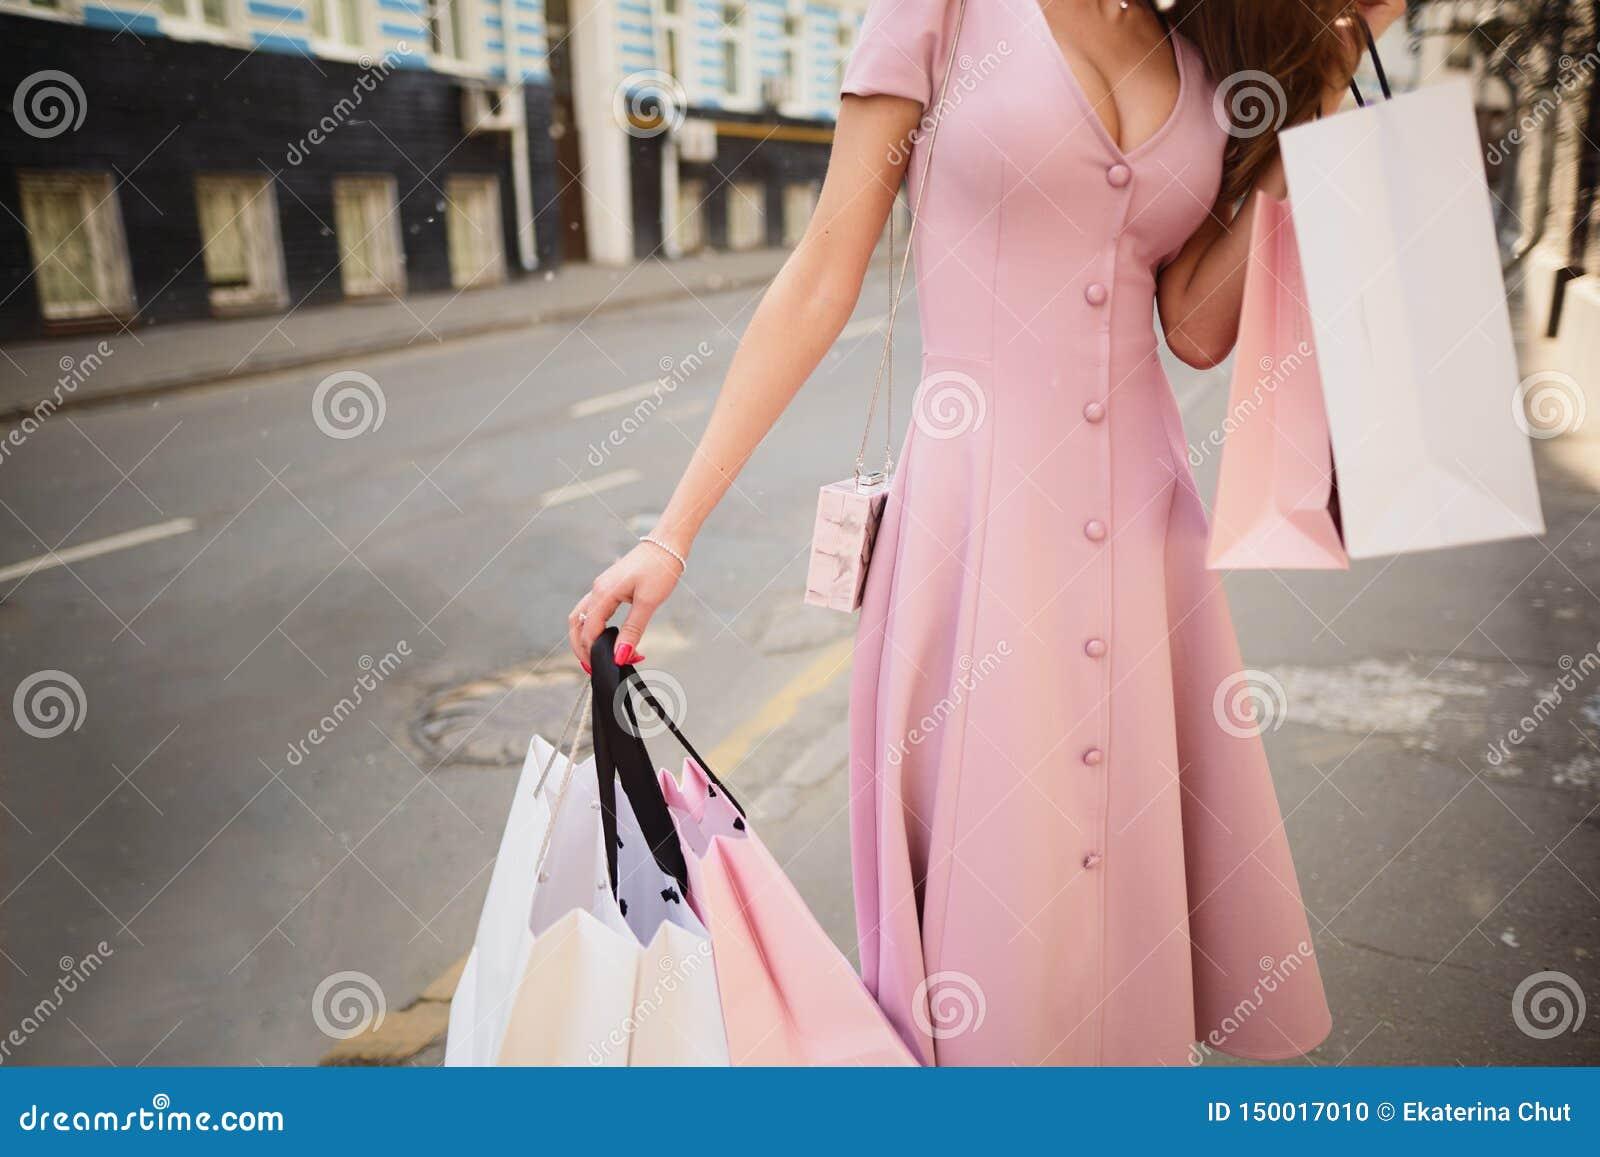 Vestiu Fashionably a mulher nas ruas de uma cidade pequena, conceito de compra